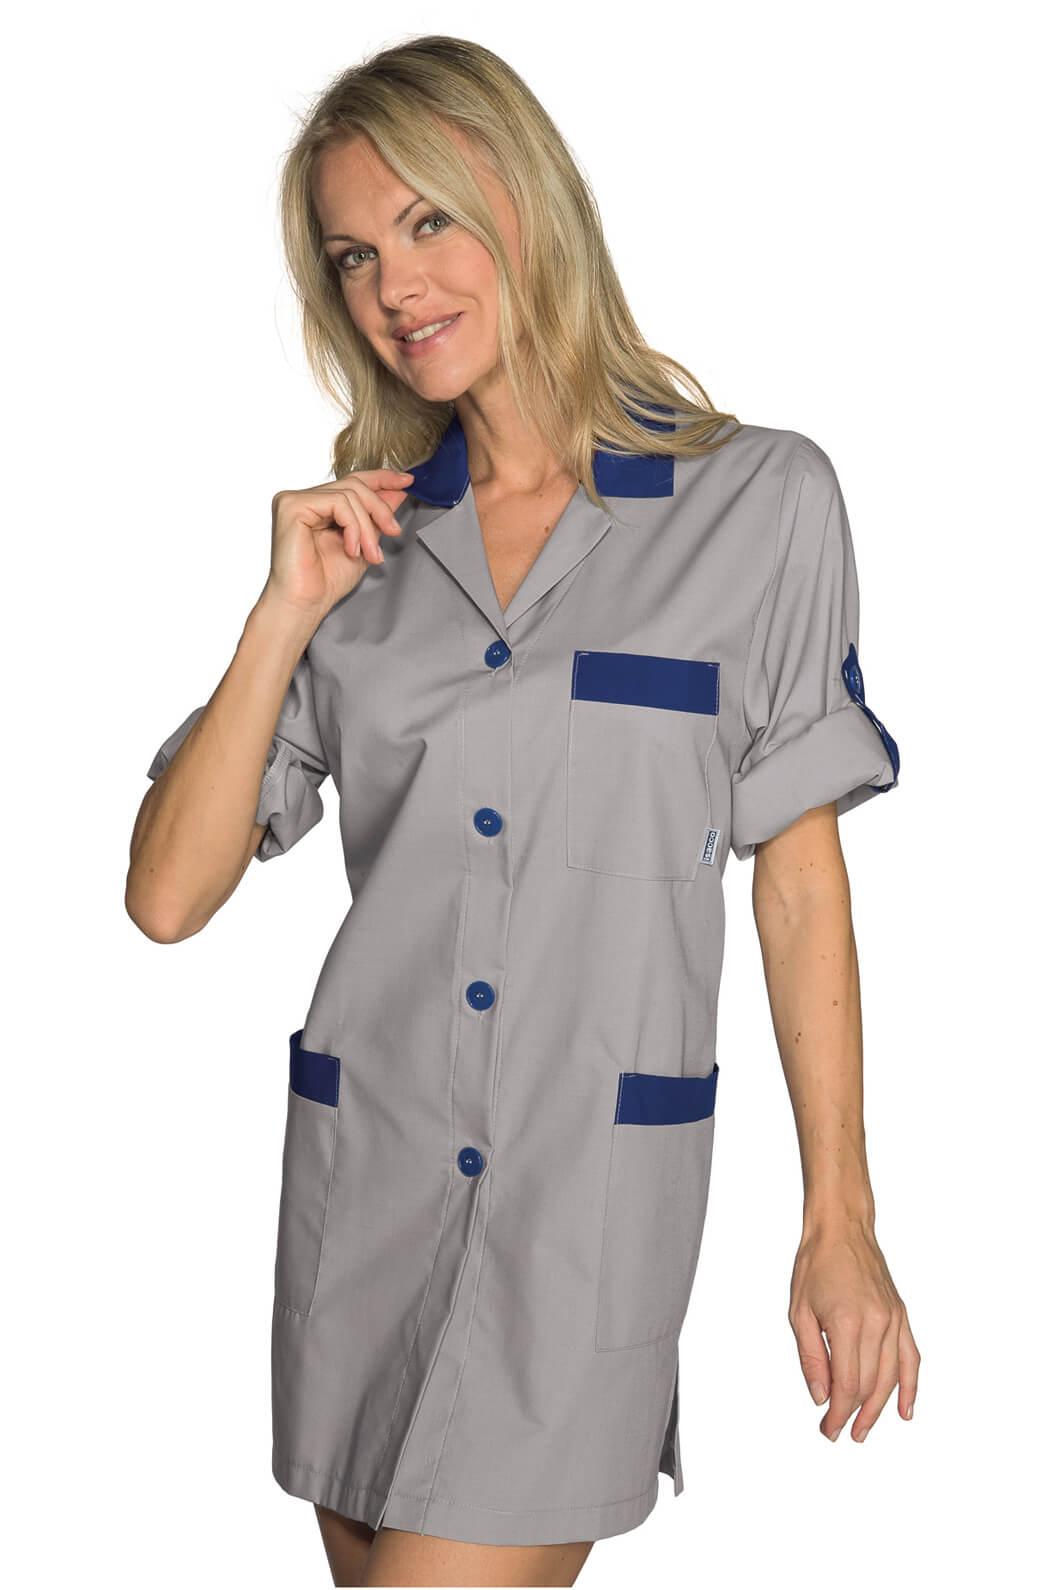 blouse de travail manches ajustables york gris bleu. Black Bedroom Furniture Sets. Home Design Ideas